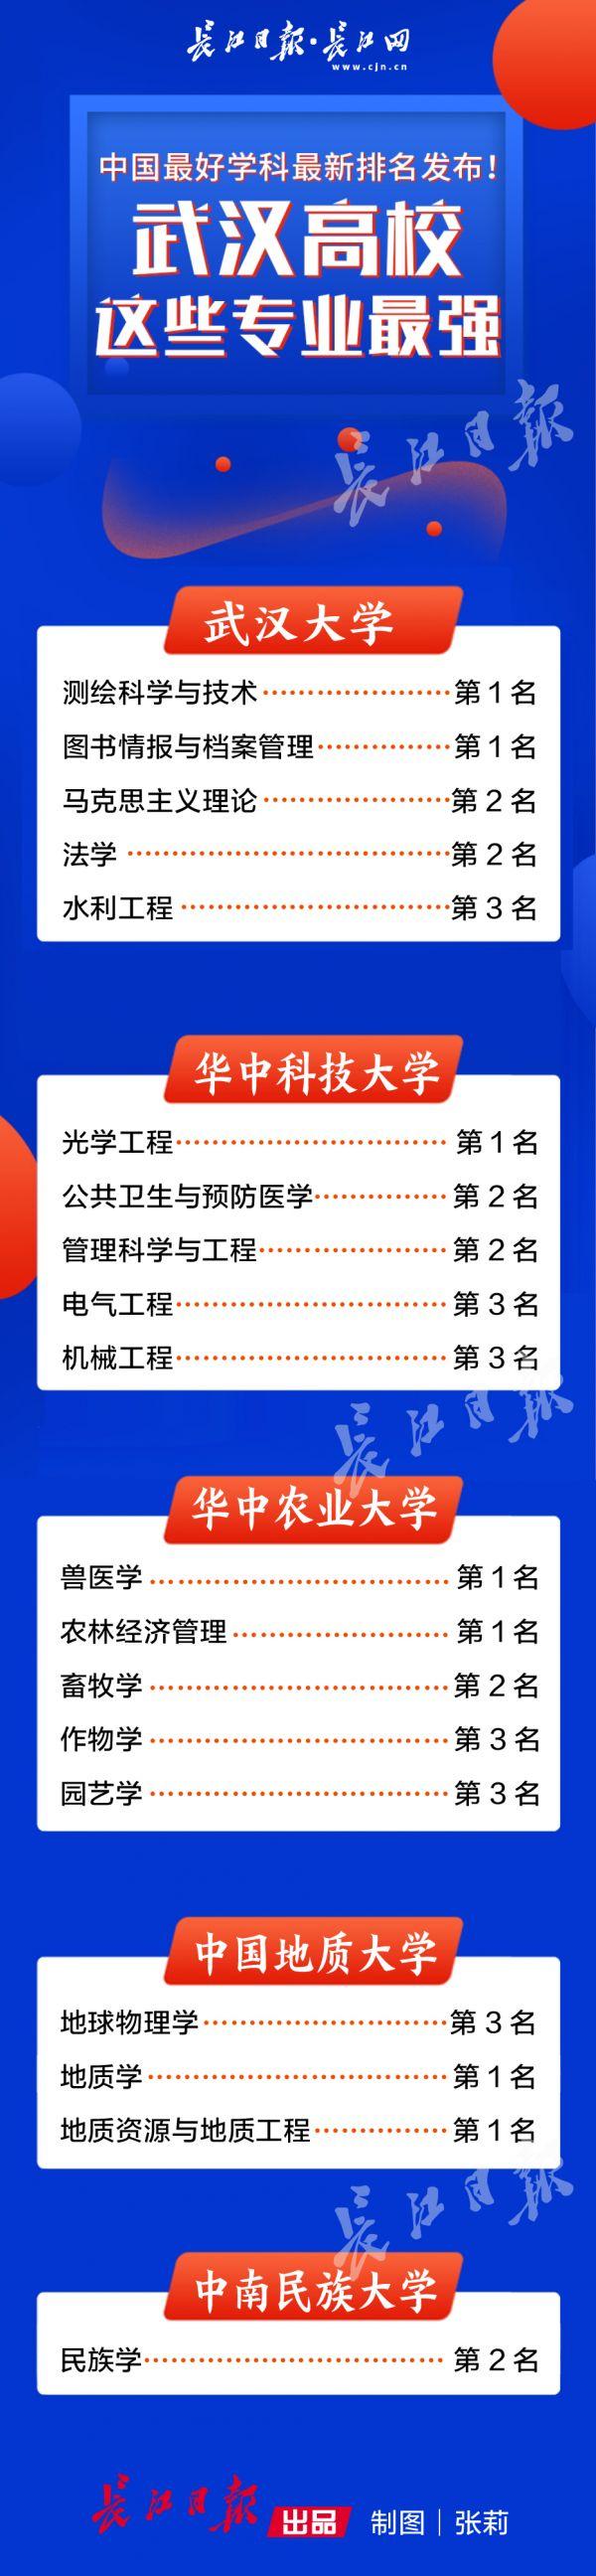 中国最好学科最新排名发布!武汉高校这些专业最强